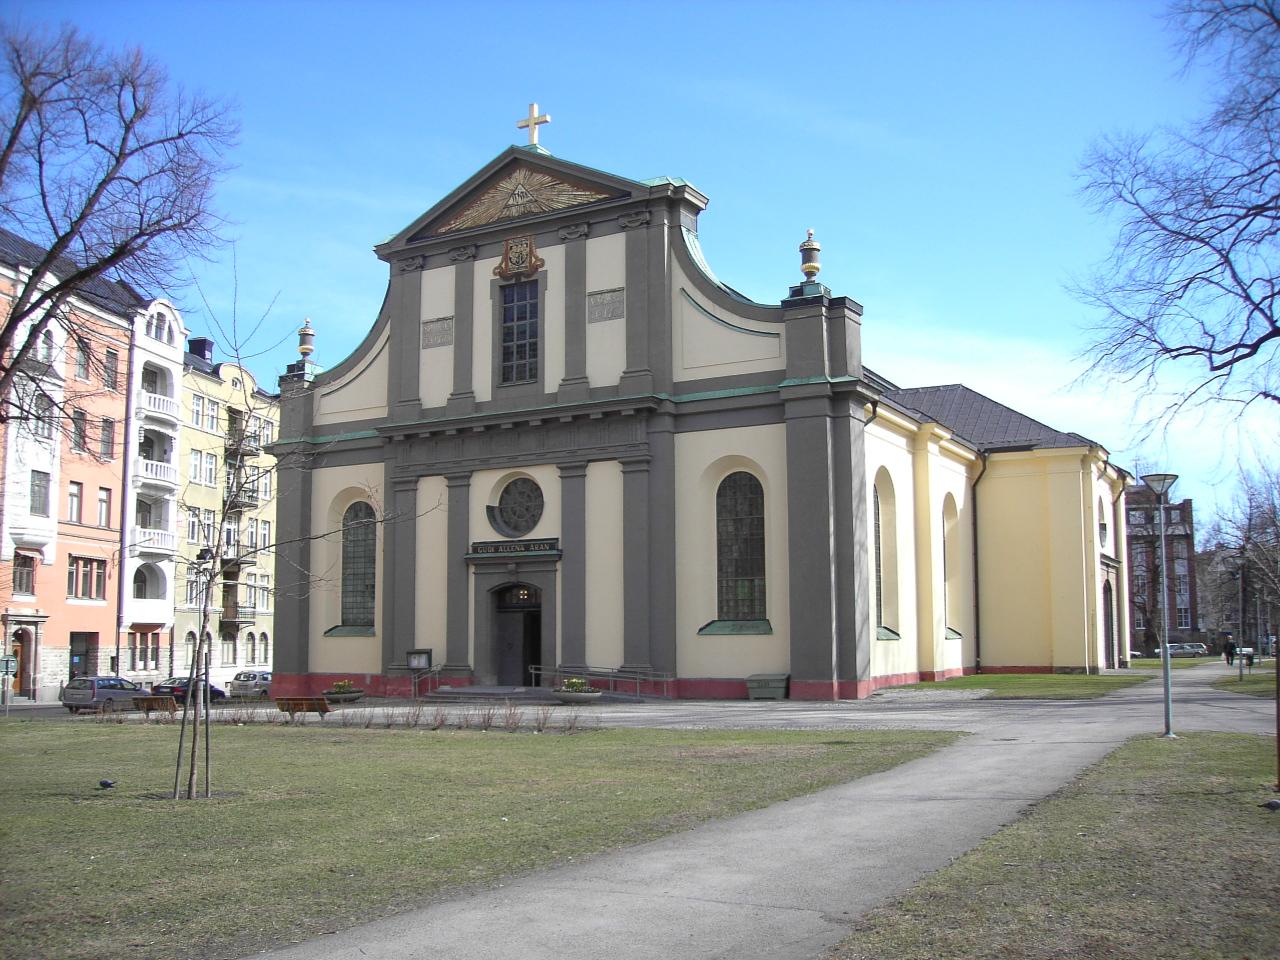 Bild av Sankt Olai kyrka